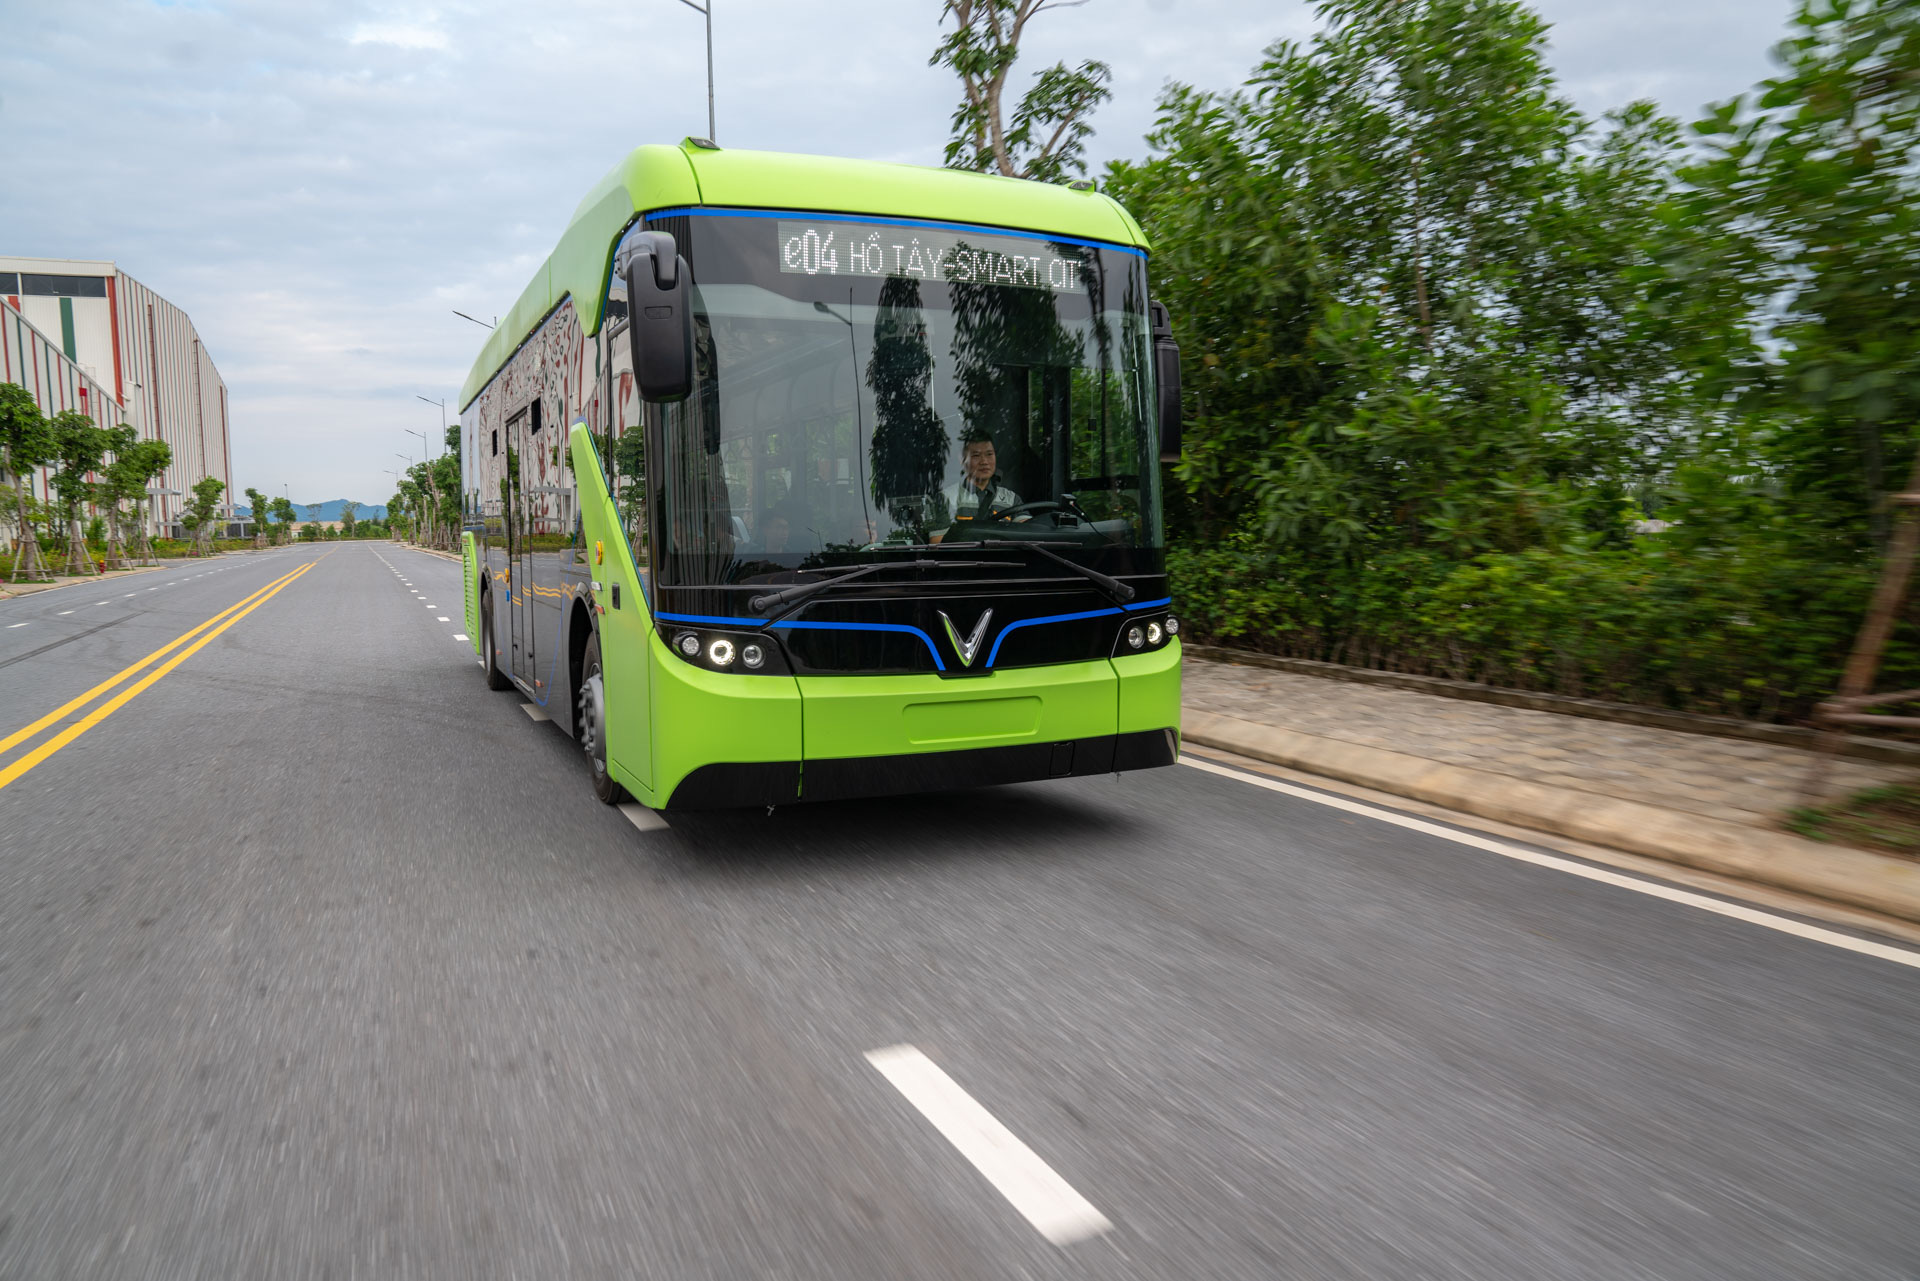 Chạy thử nghiệm xe buýt điện. Ảnh: B.C